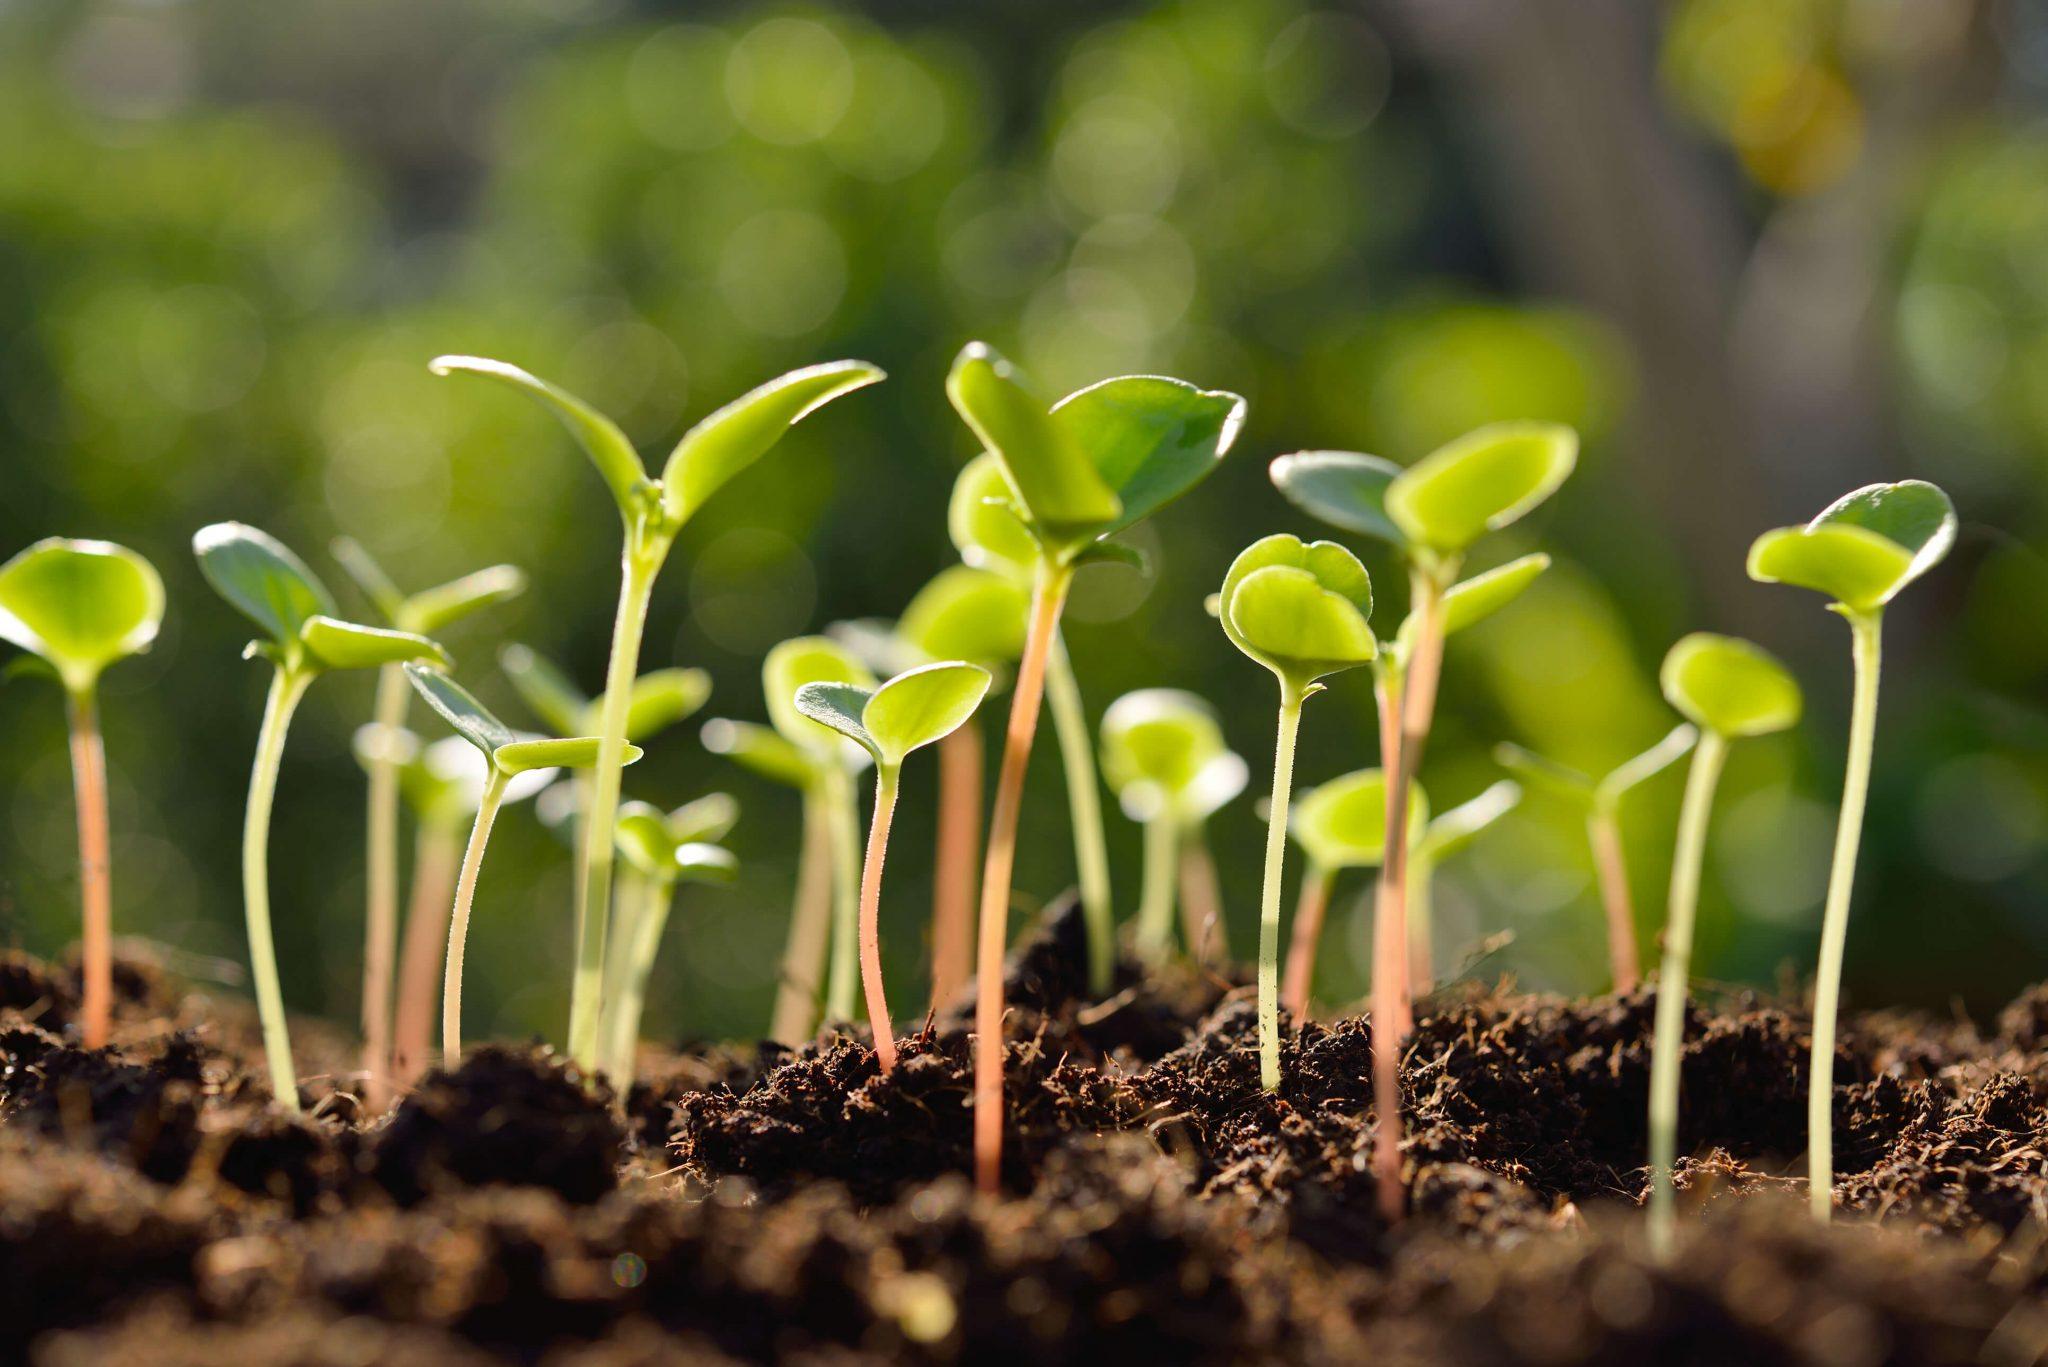 Sejanje in vzgoja lastnih sadik